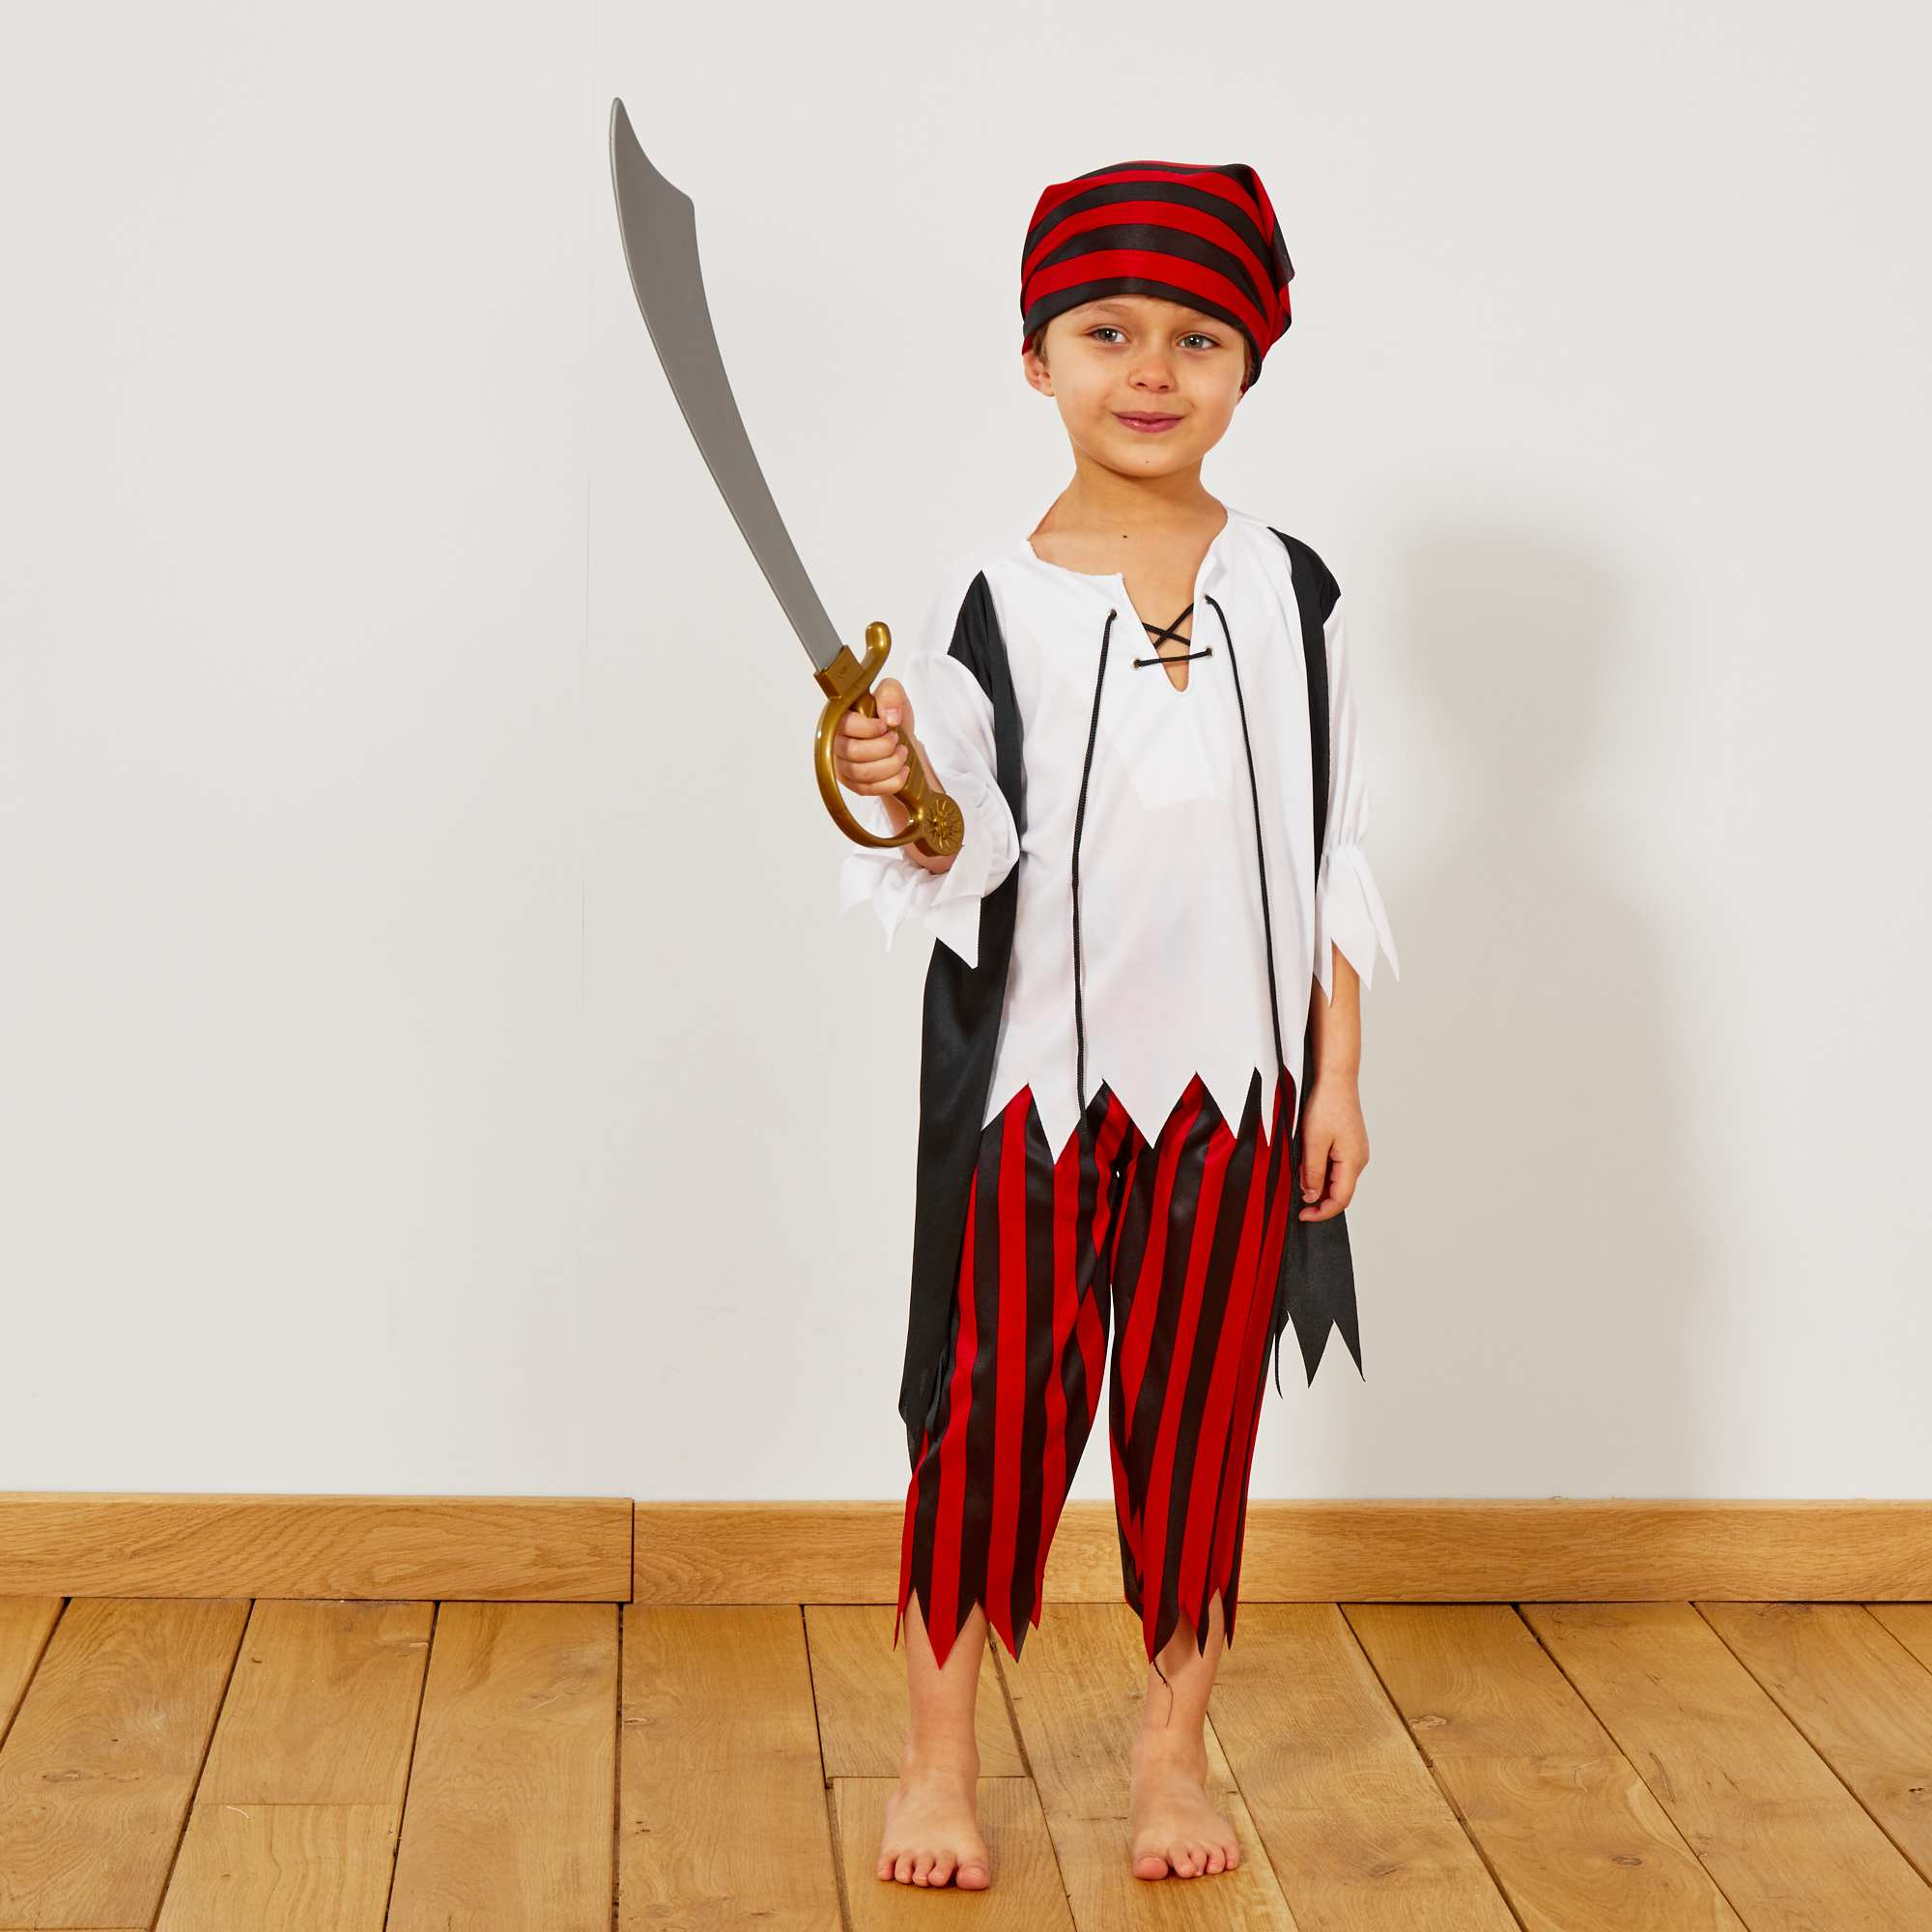 Couleur : noir/rouge/blanc, , ,, - Taille : 7/8A, 4/6A, ,,A l'abordage moussaillon ! - Déguisement de pirate - Comprend 1 pantalon, 1